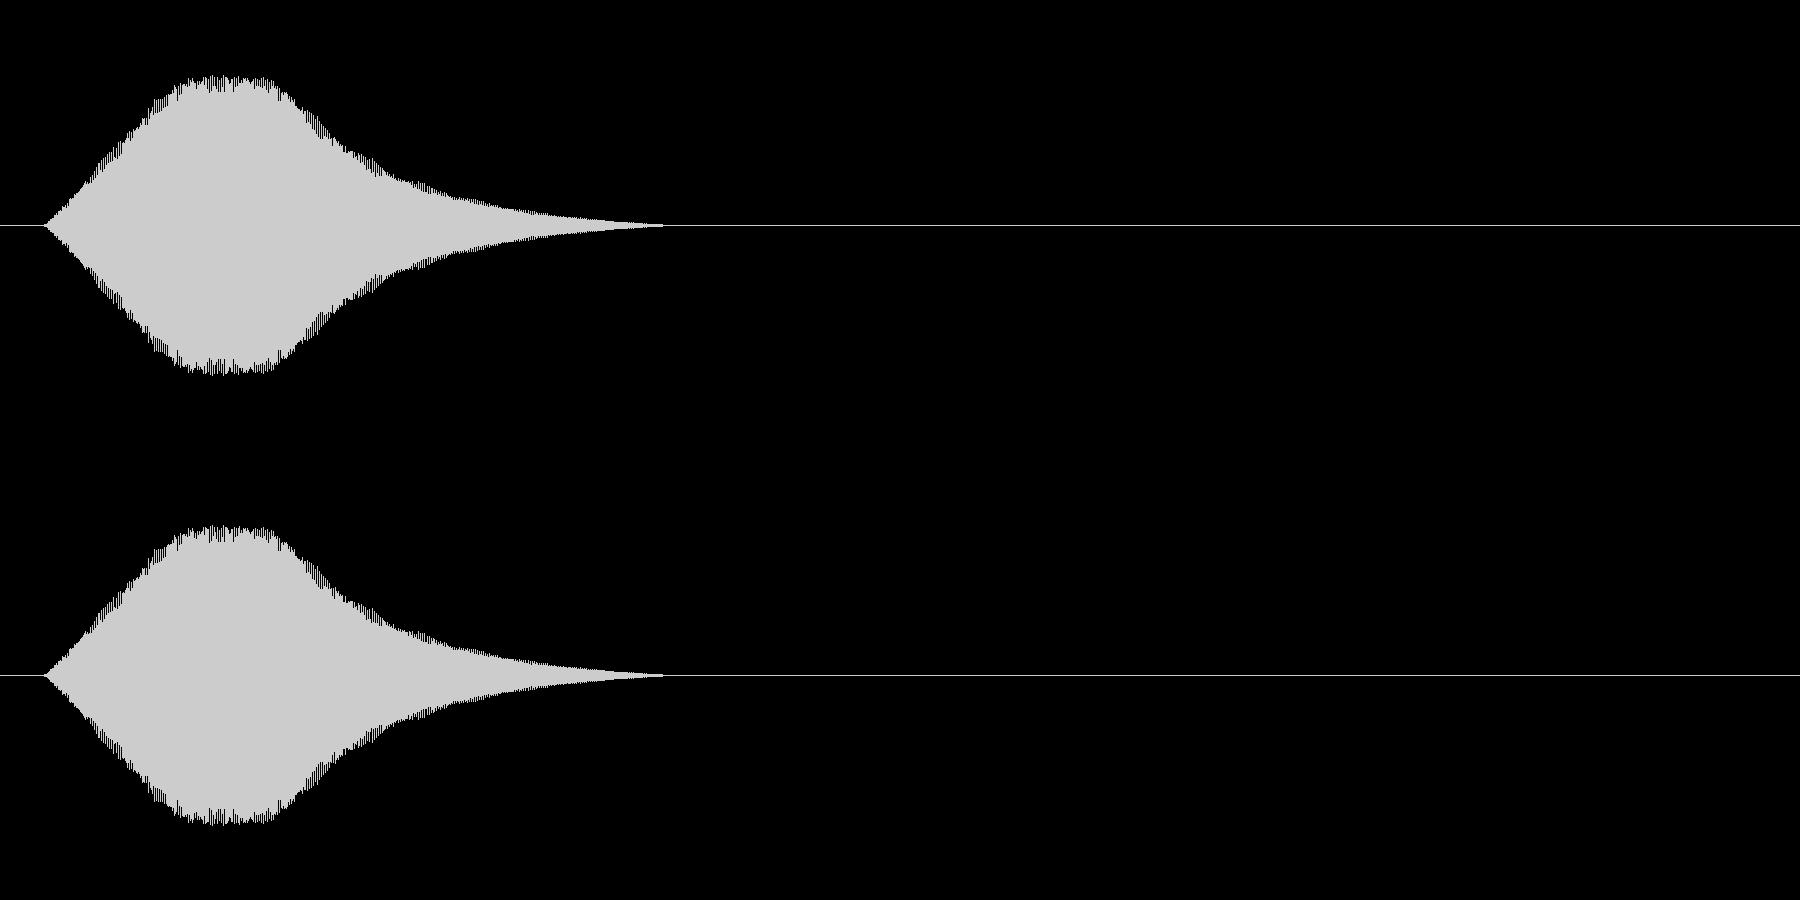 選択肢移動時などに適したシステム音の未再生の波形